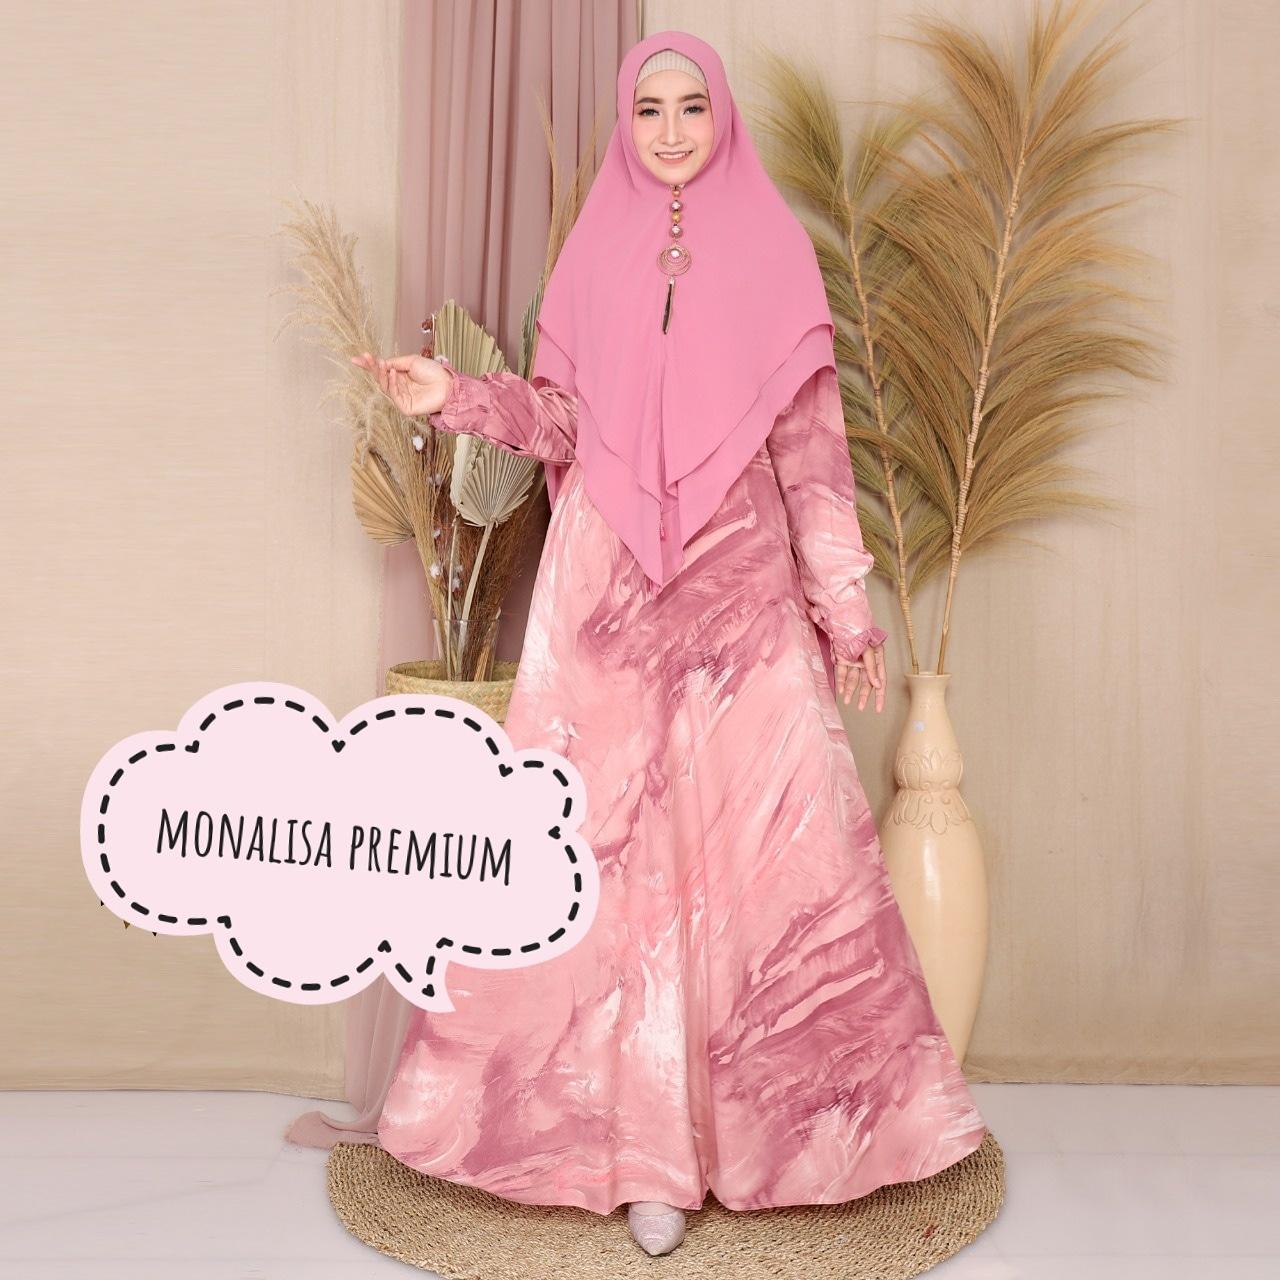 [TERLARIS] Gamis Syari Wanita Terbaru 10 Modern Baju Muslim Wanita Murah  Gamis Monalisa Premium [Hanara Dress]